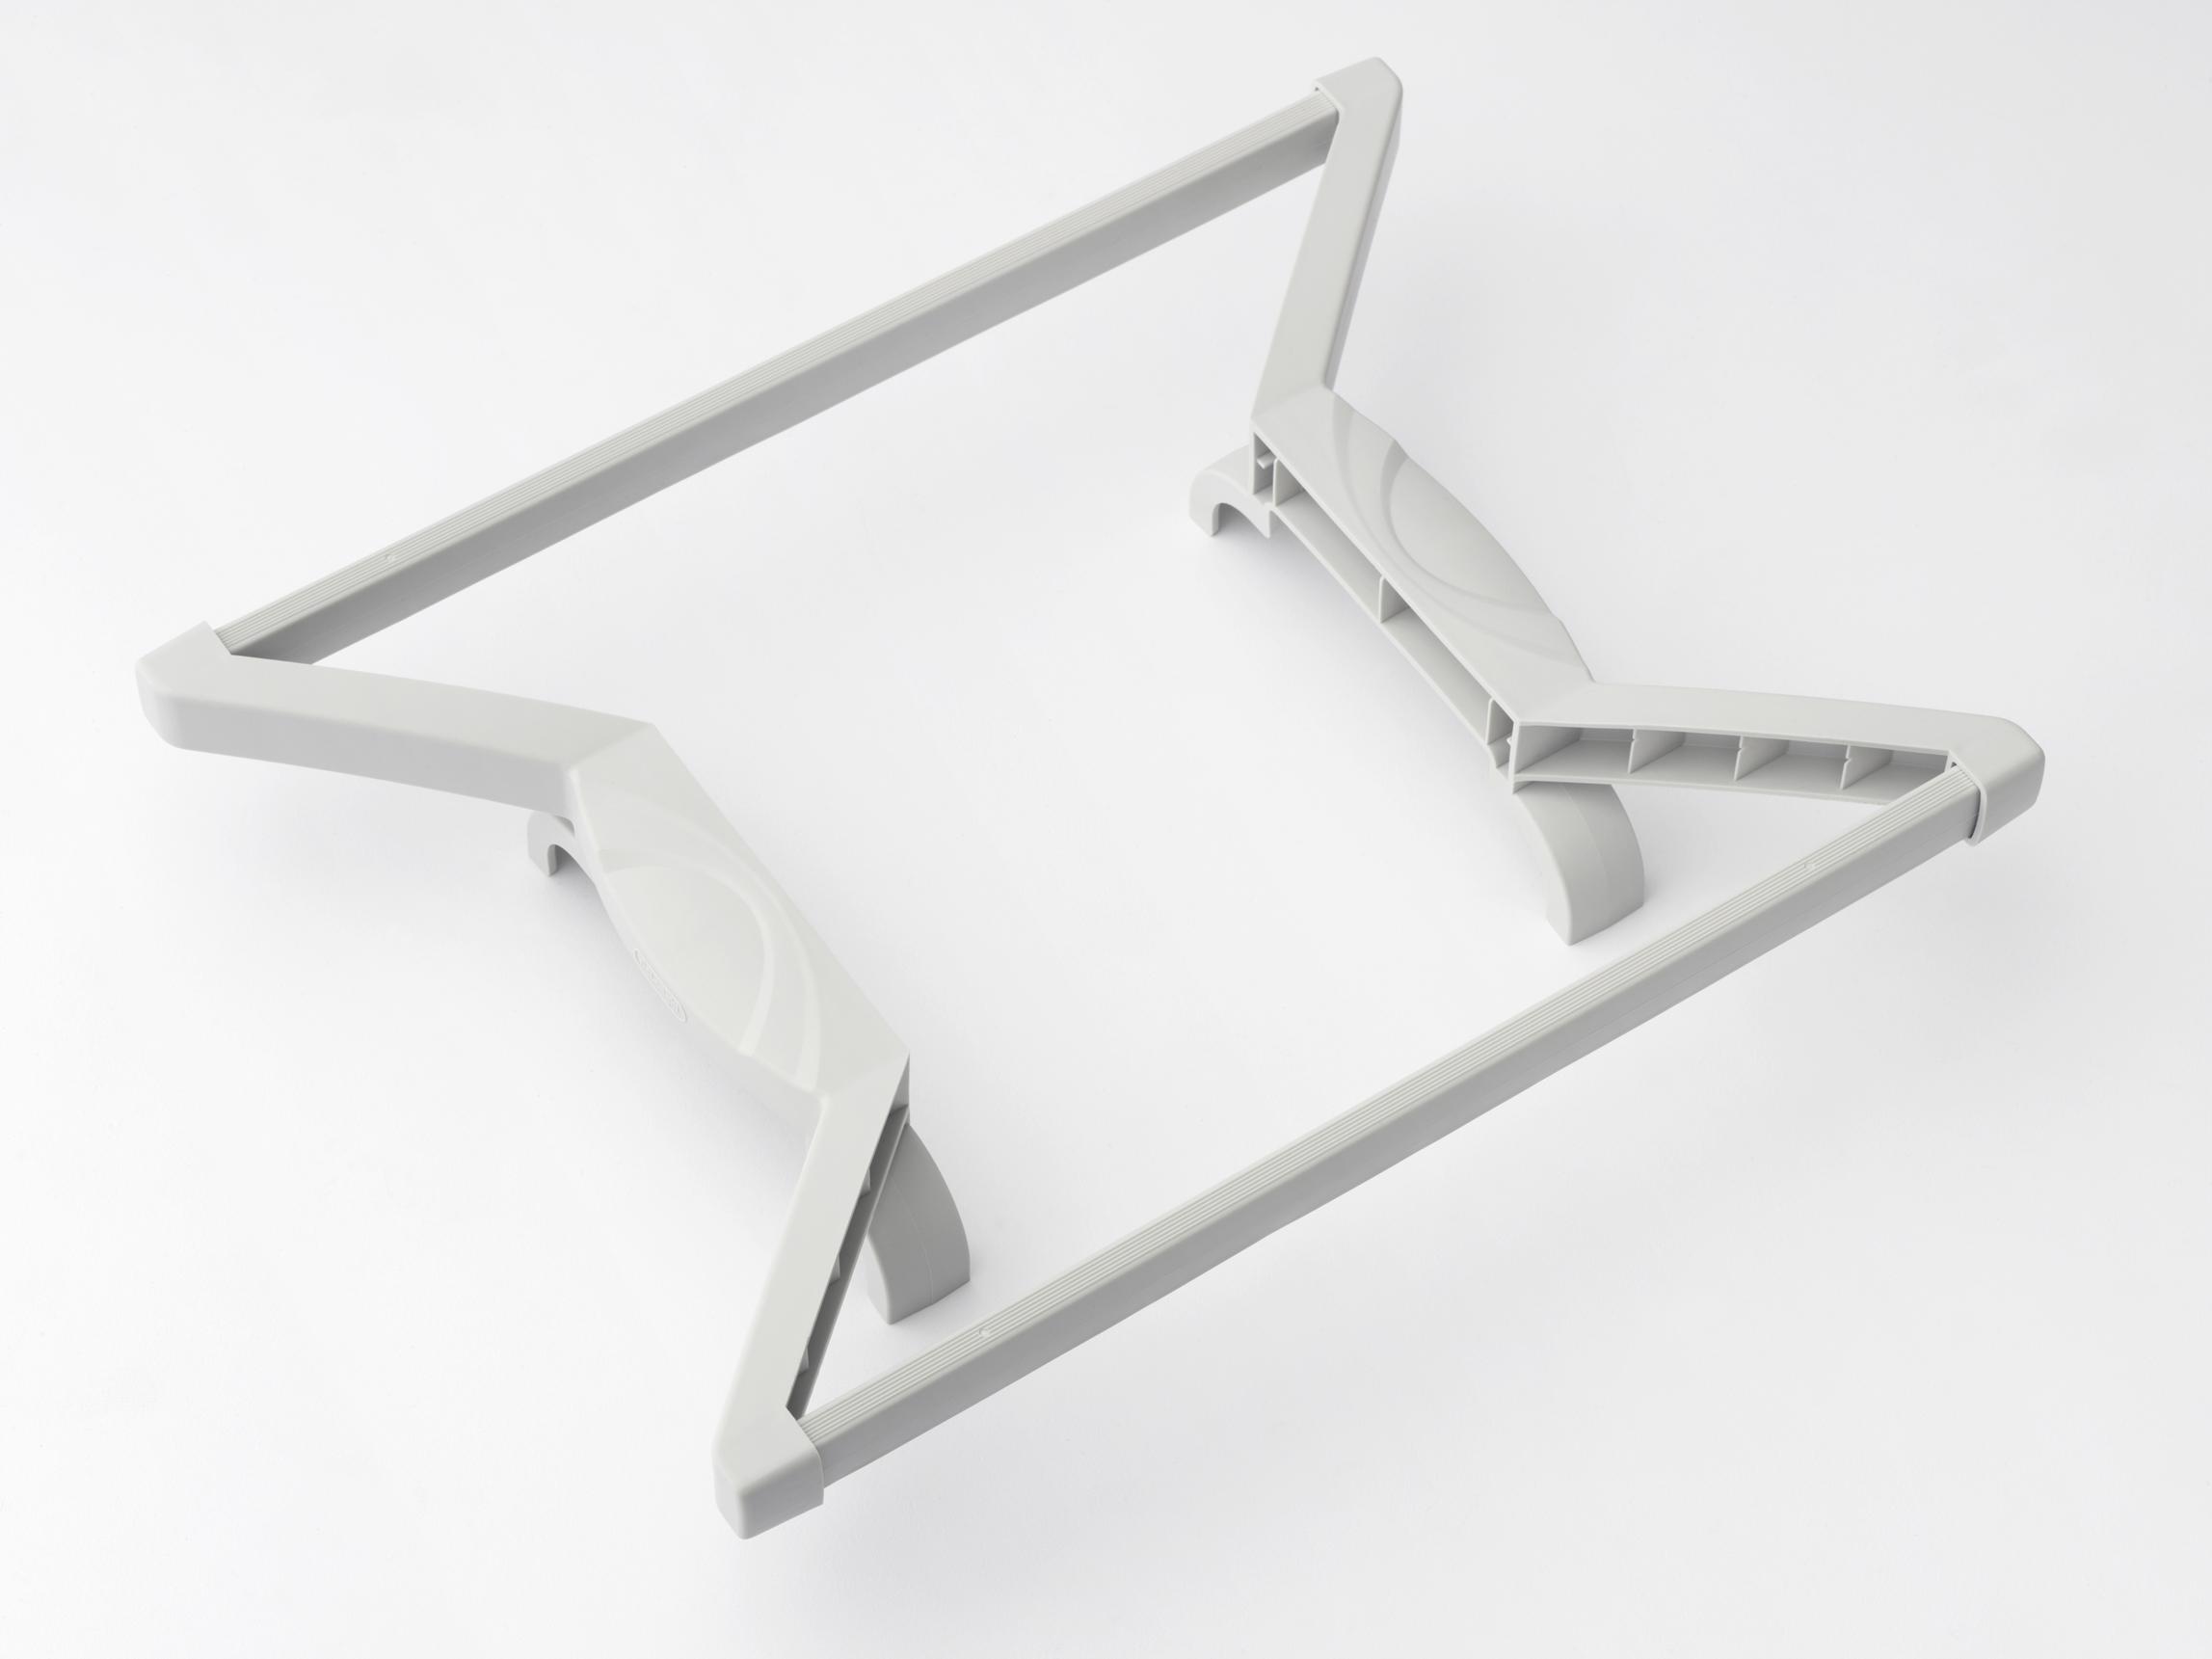 オイルヒーター「ラディア・L字型フィン」専用 トップハンガー [商品コード:TH-300R]